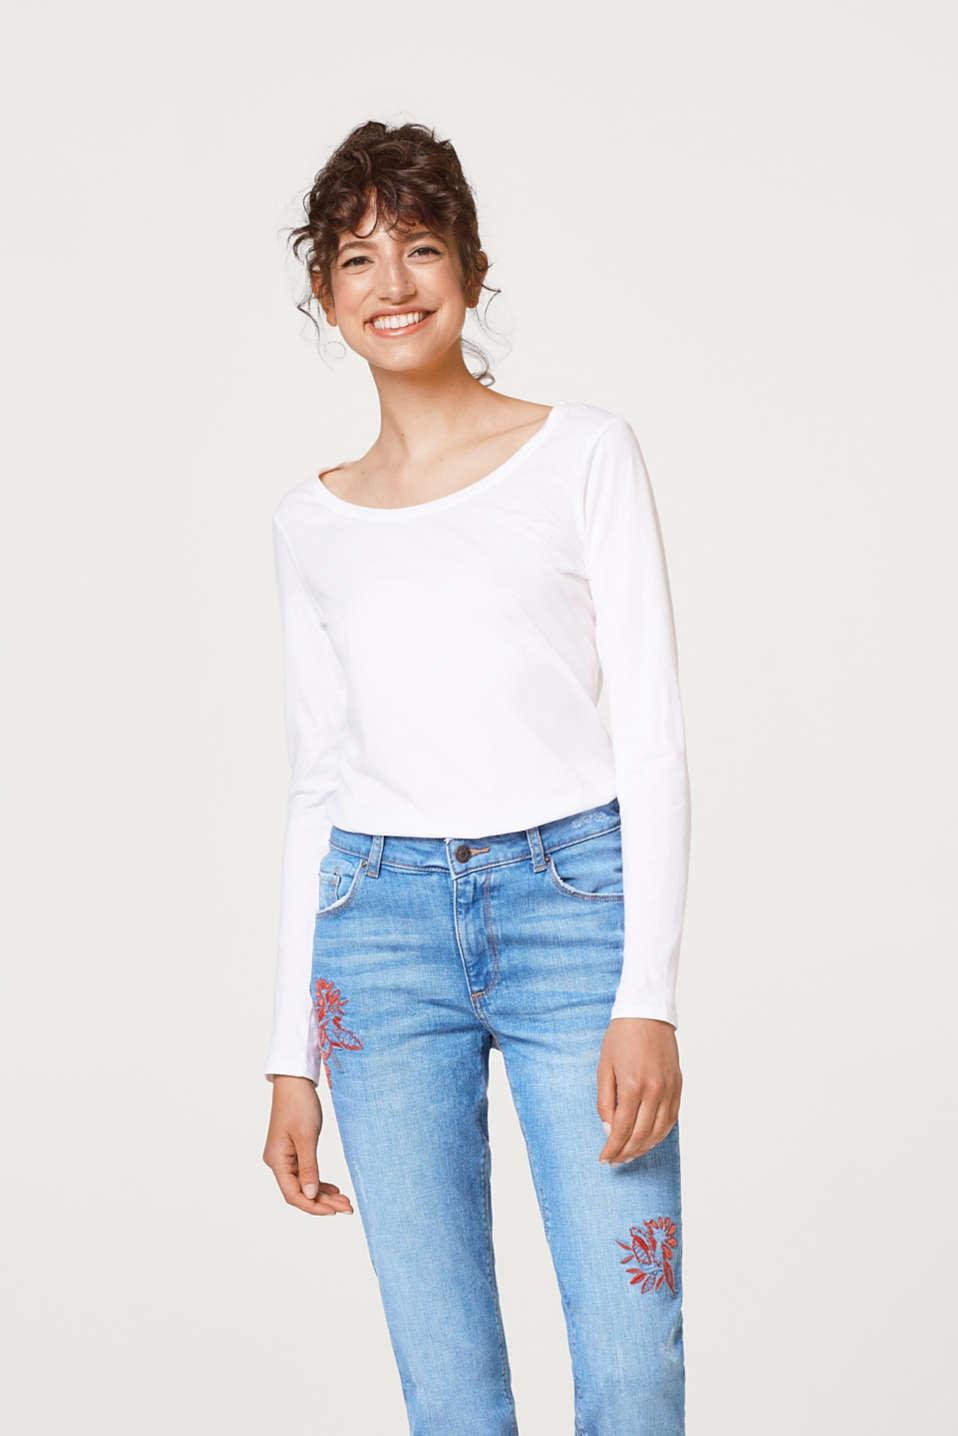 Sur En La Boutique Acheter À T Shirt Coton Edc 100 Ligne 6YnxafqwU1